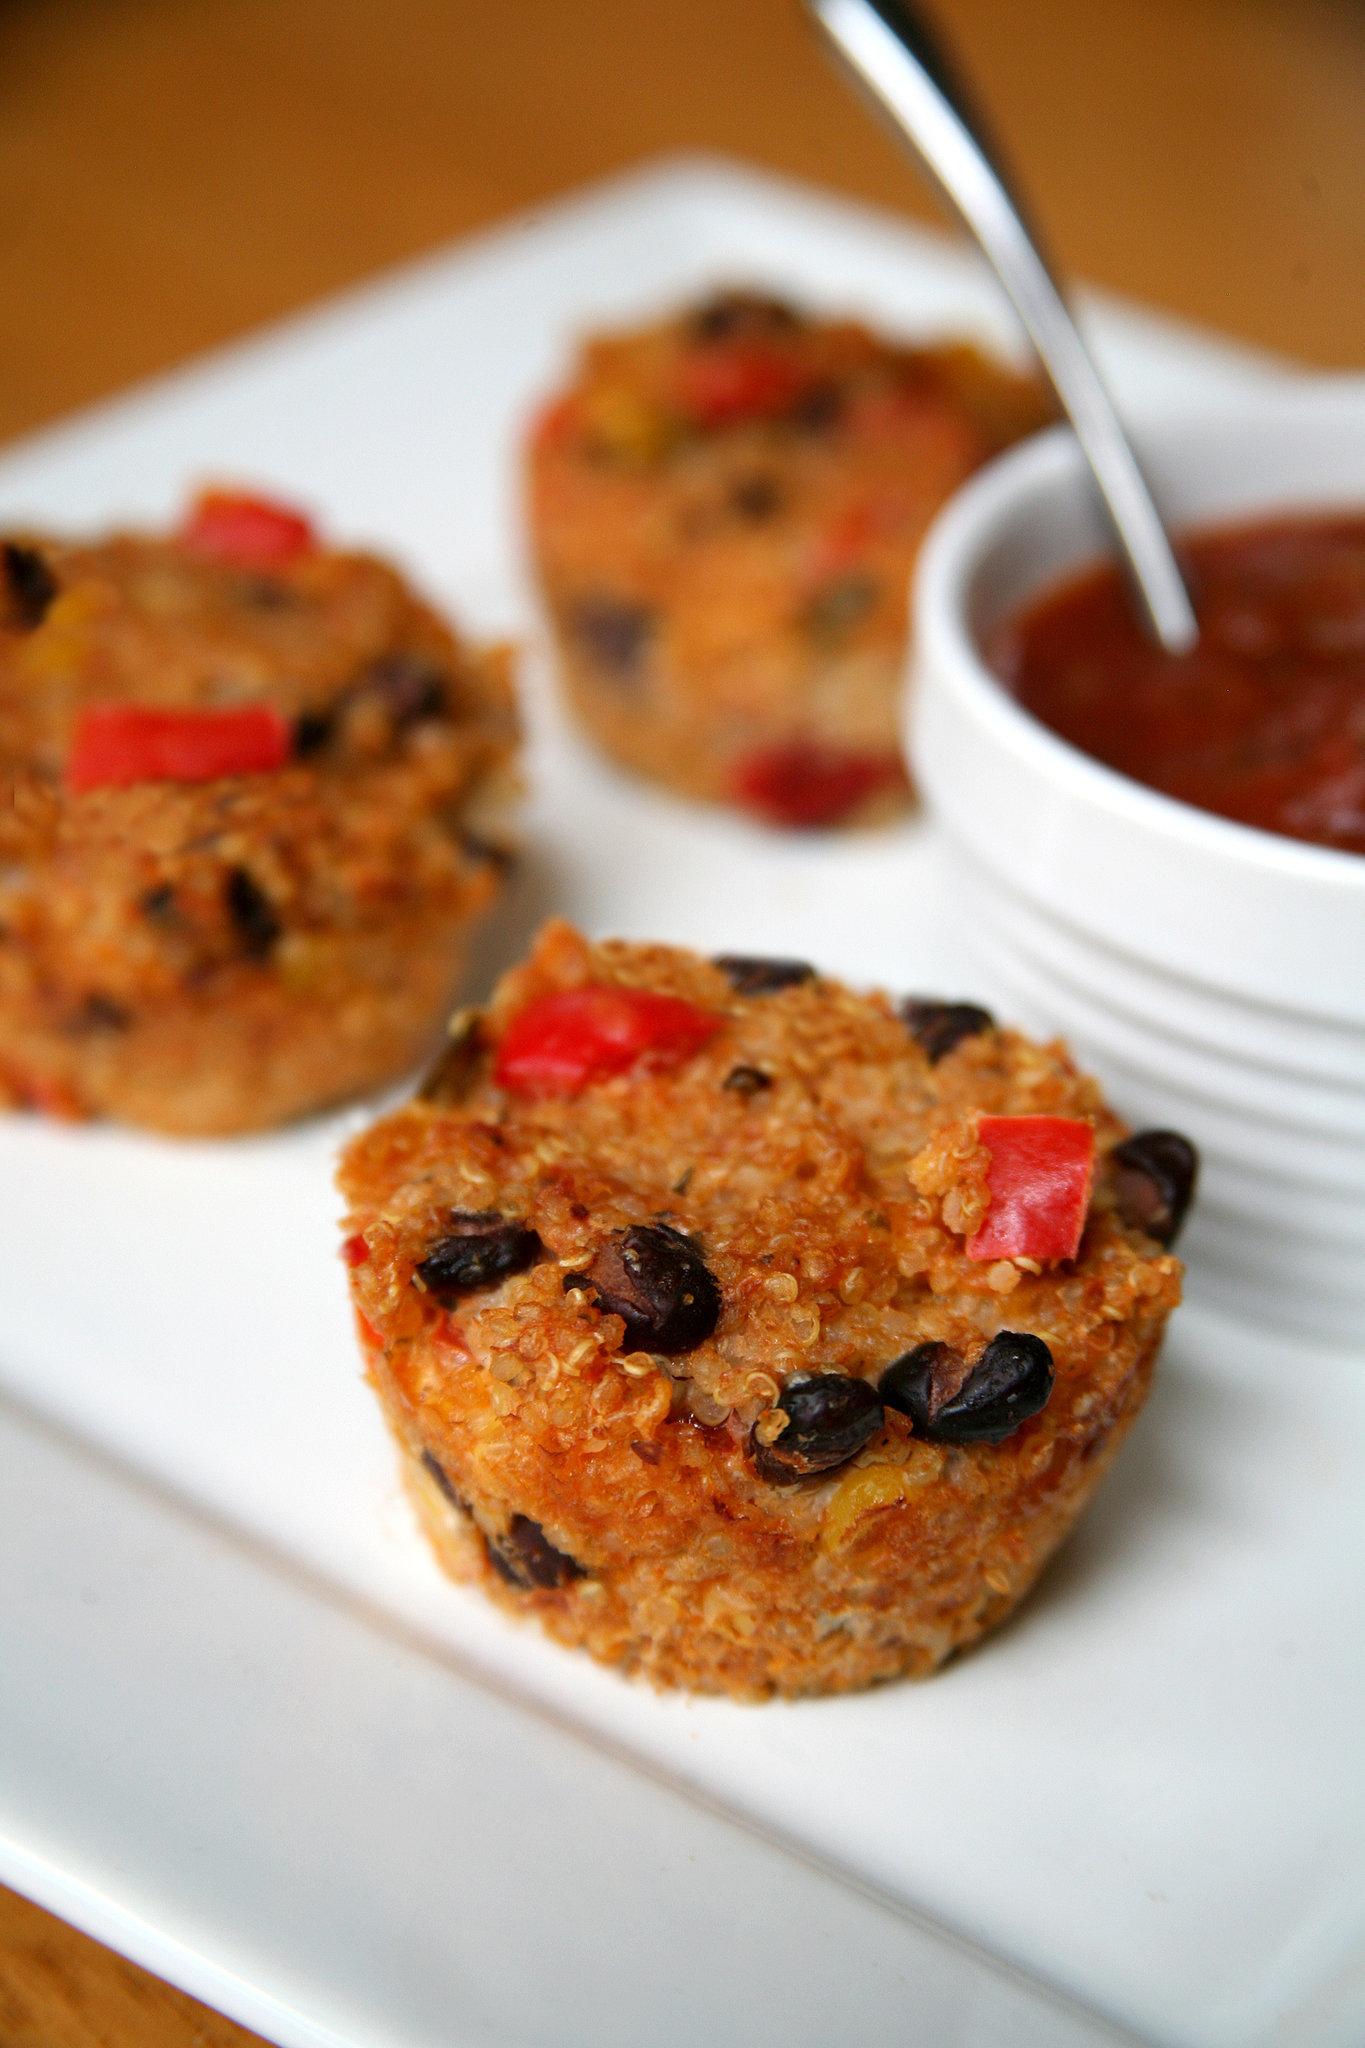 Friday: Mexican Quinoa Bites